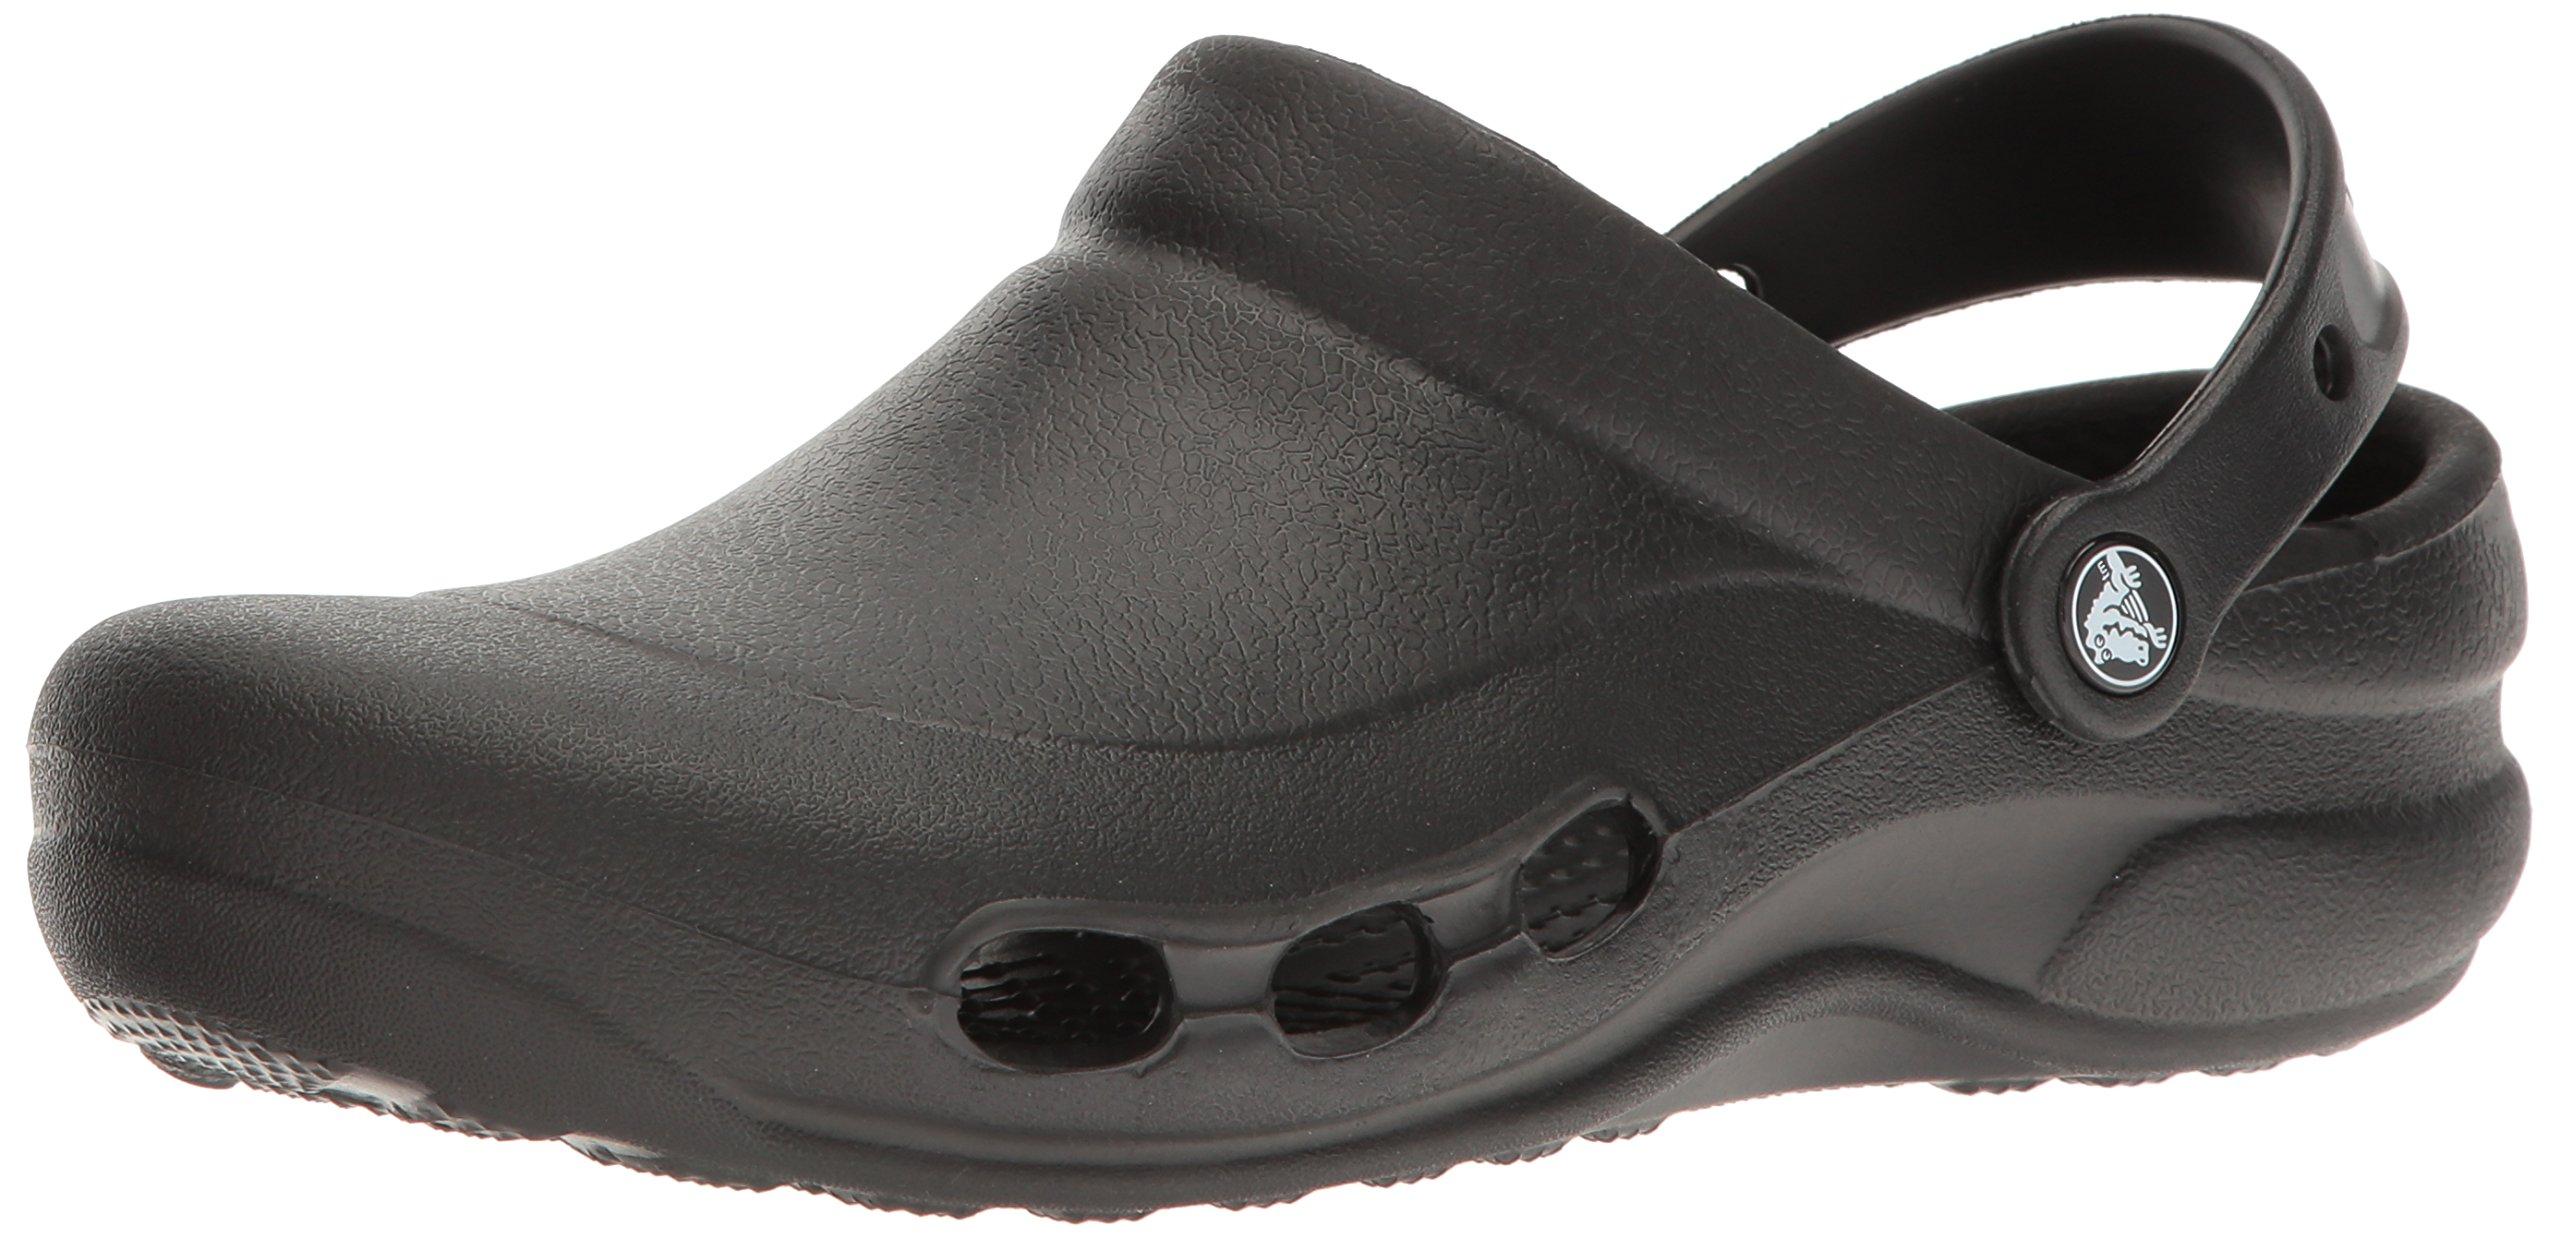 Crocs Unisex Specialist Vent Clog,  Black, 8 M US Mens / 10 M US Womens by Crocs